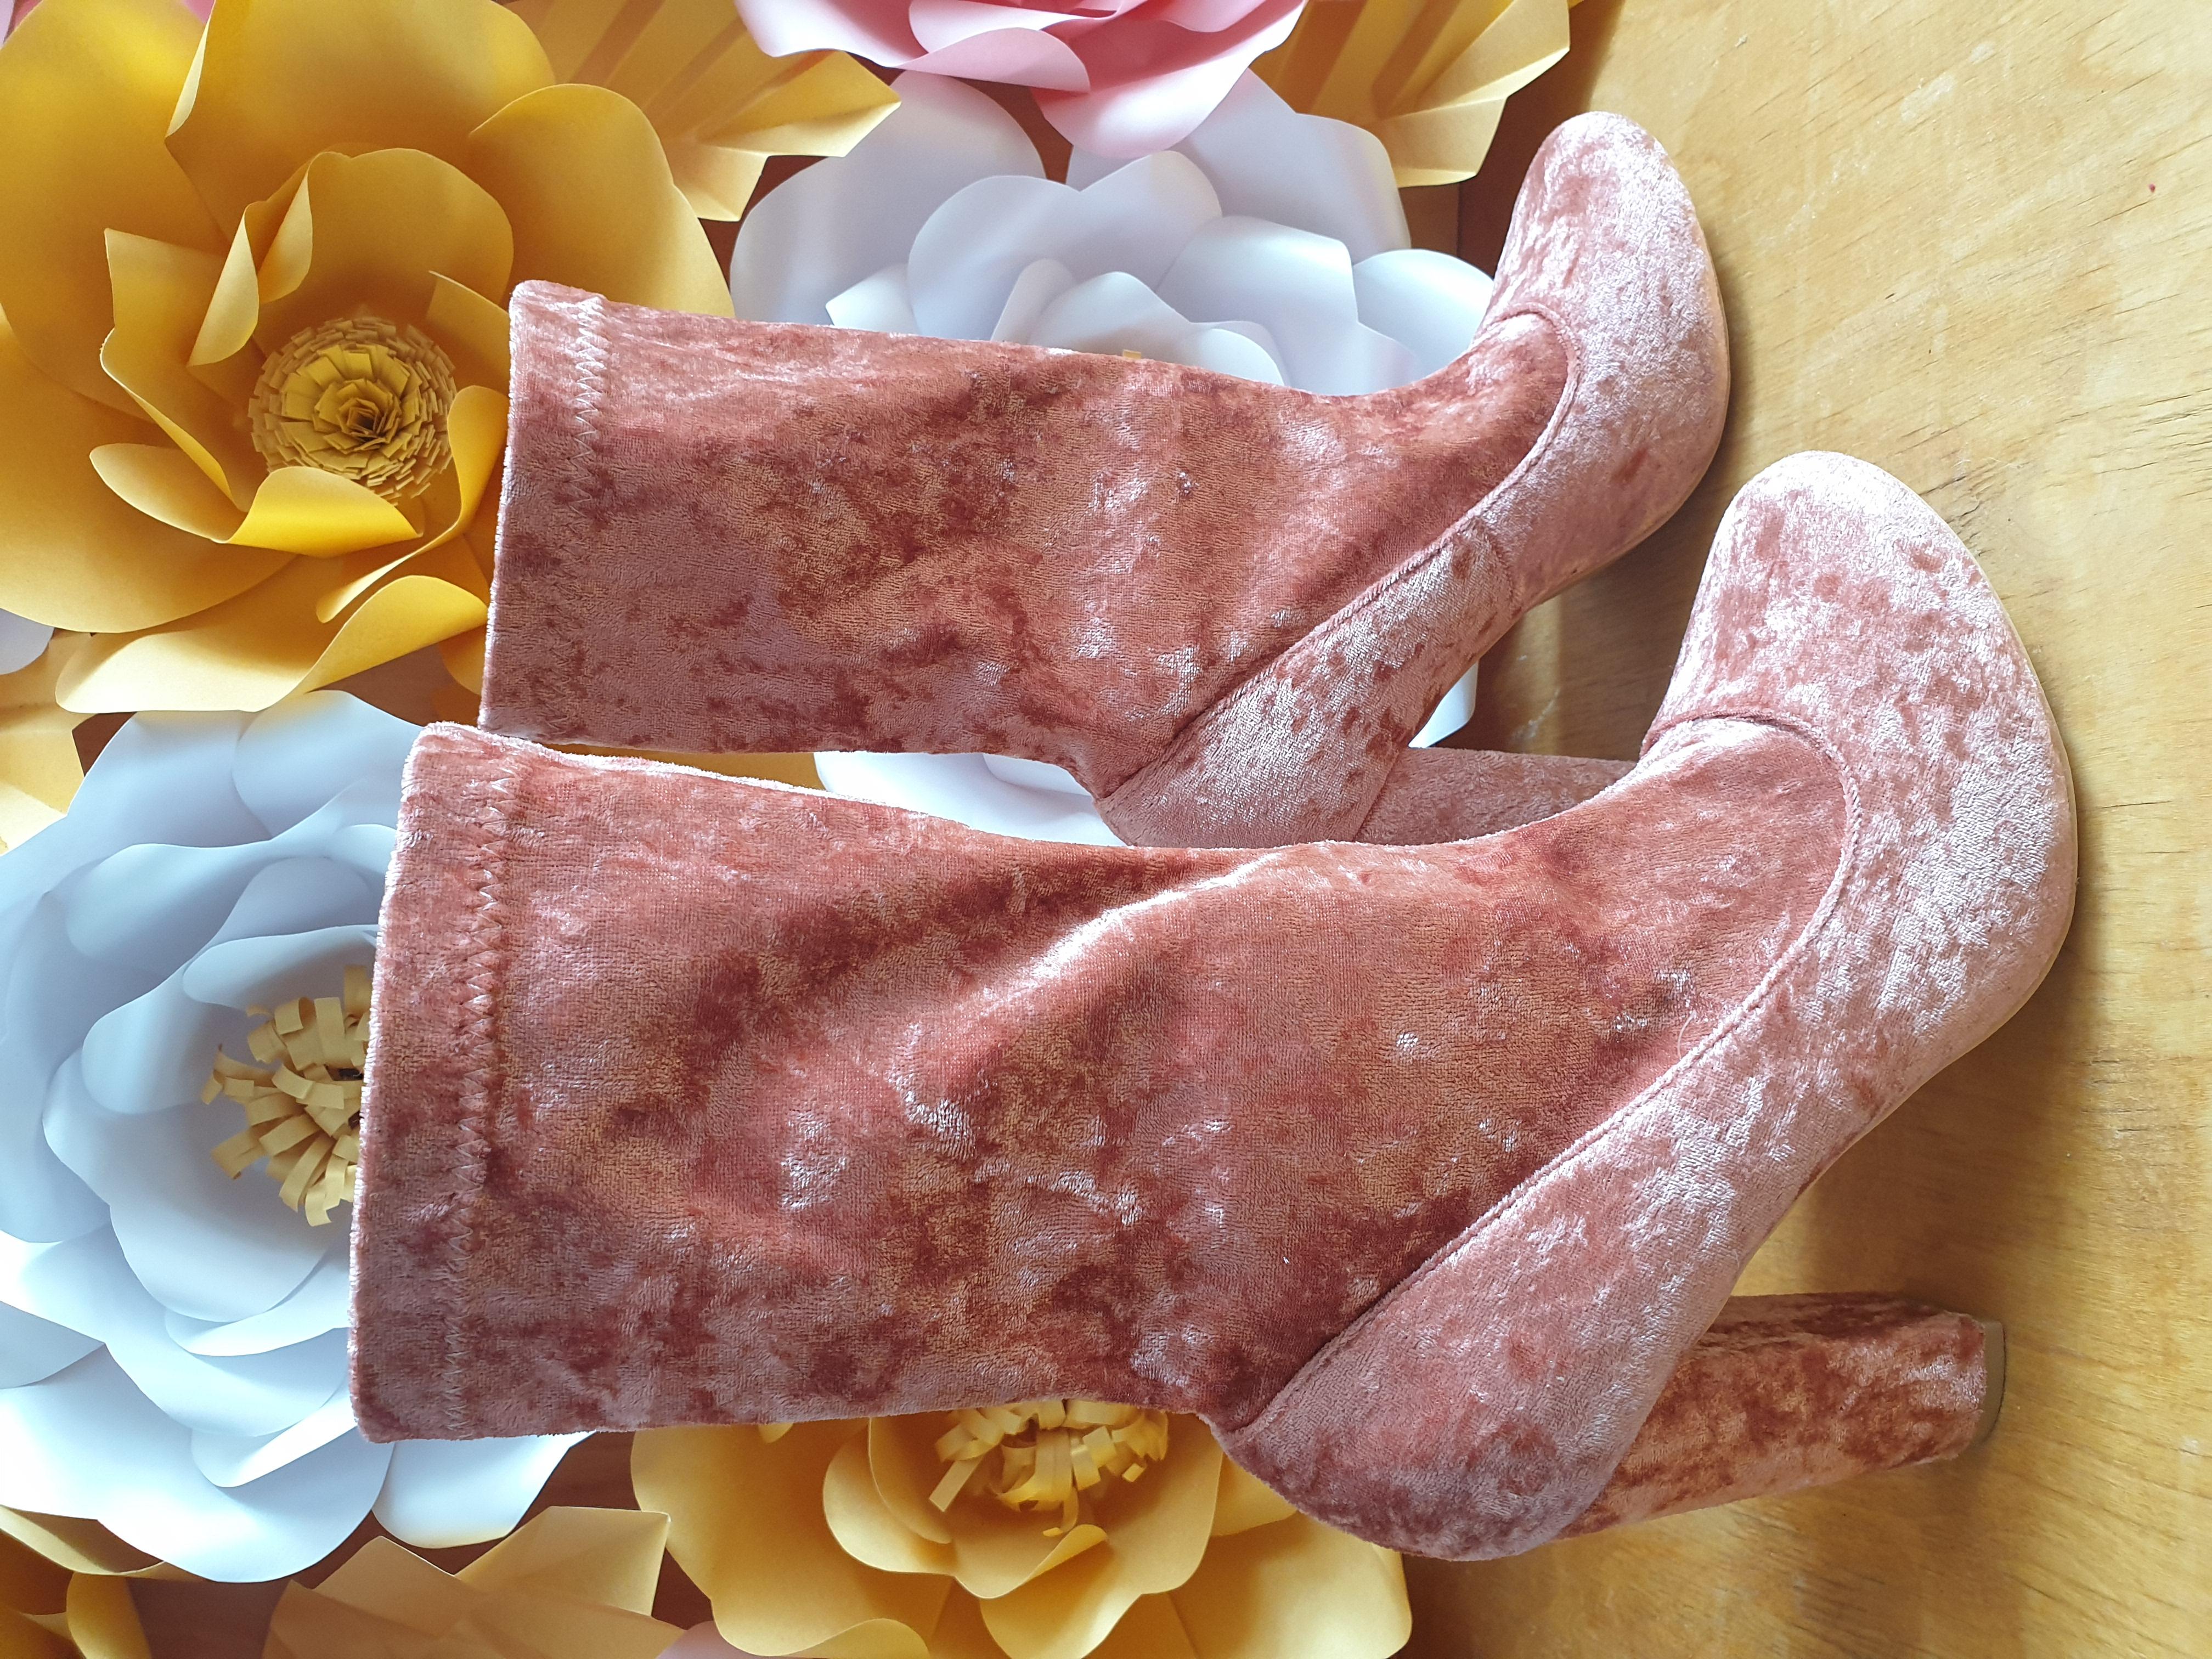 Glamorous Ботинки із велюру 3,5 і 6 рри. - Фото №2